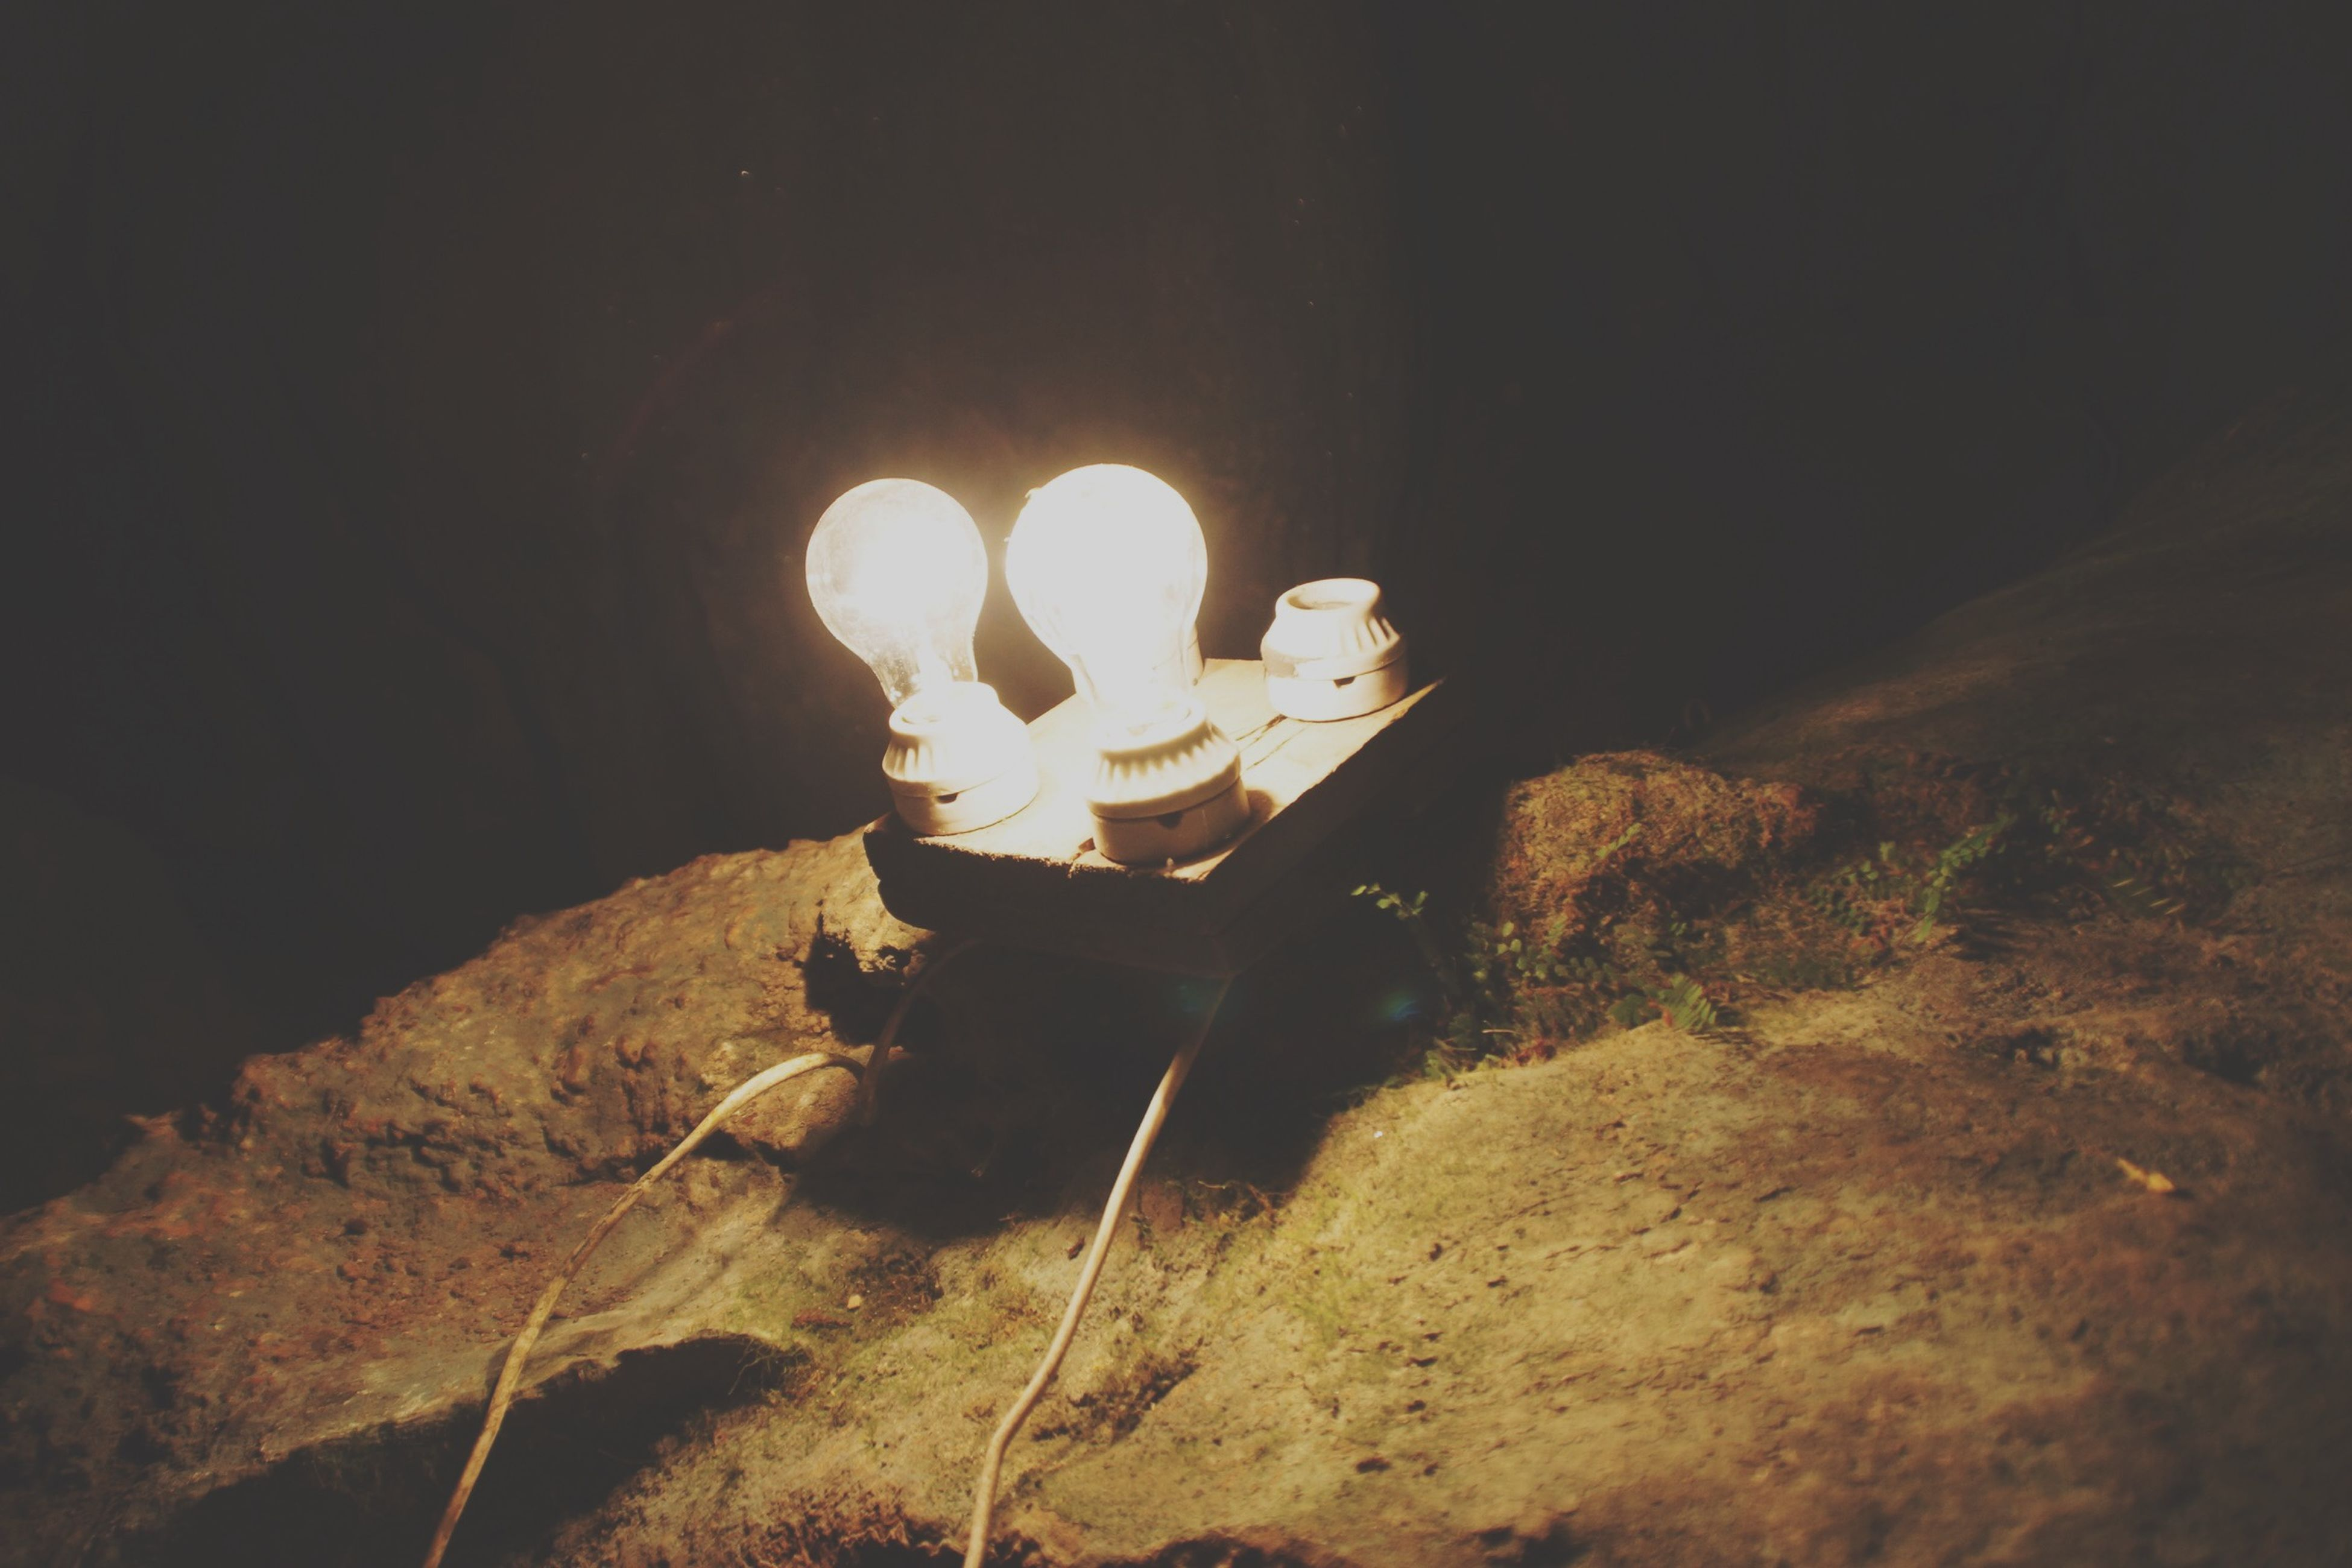 Light Up Cave Light Laos Cavejung Wangvien Dark